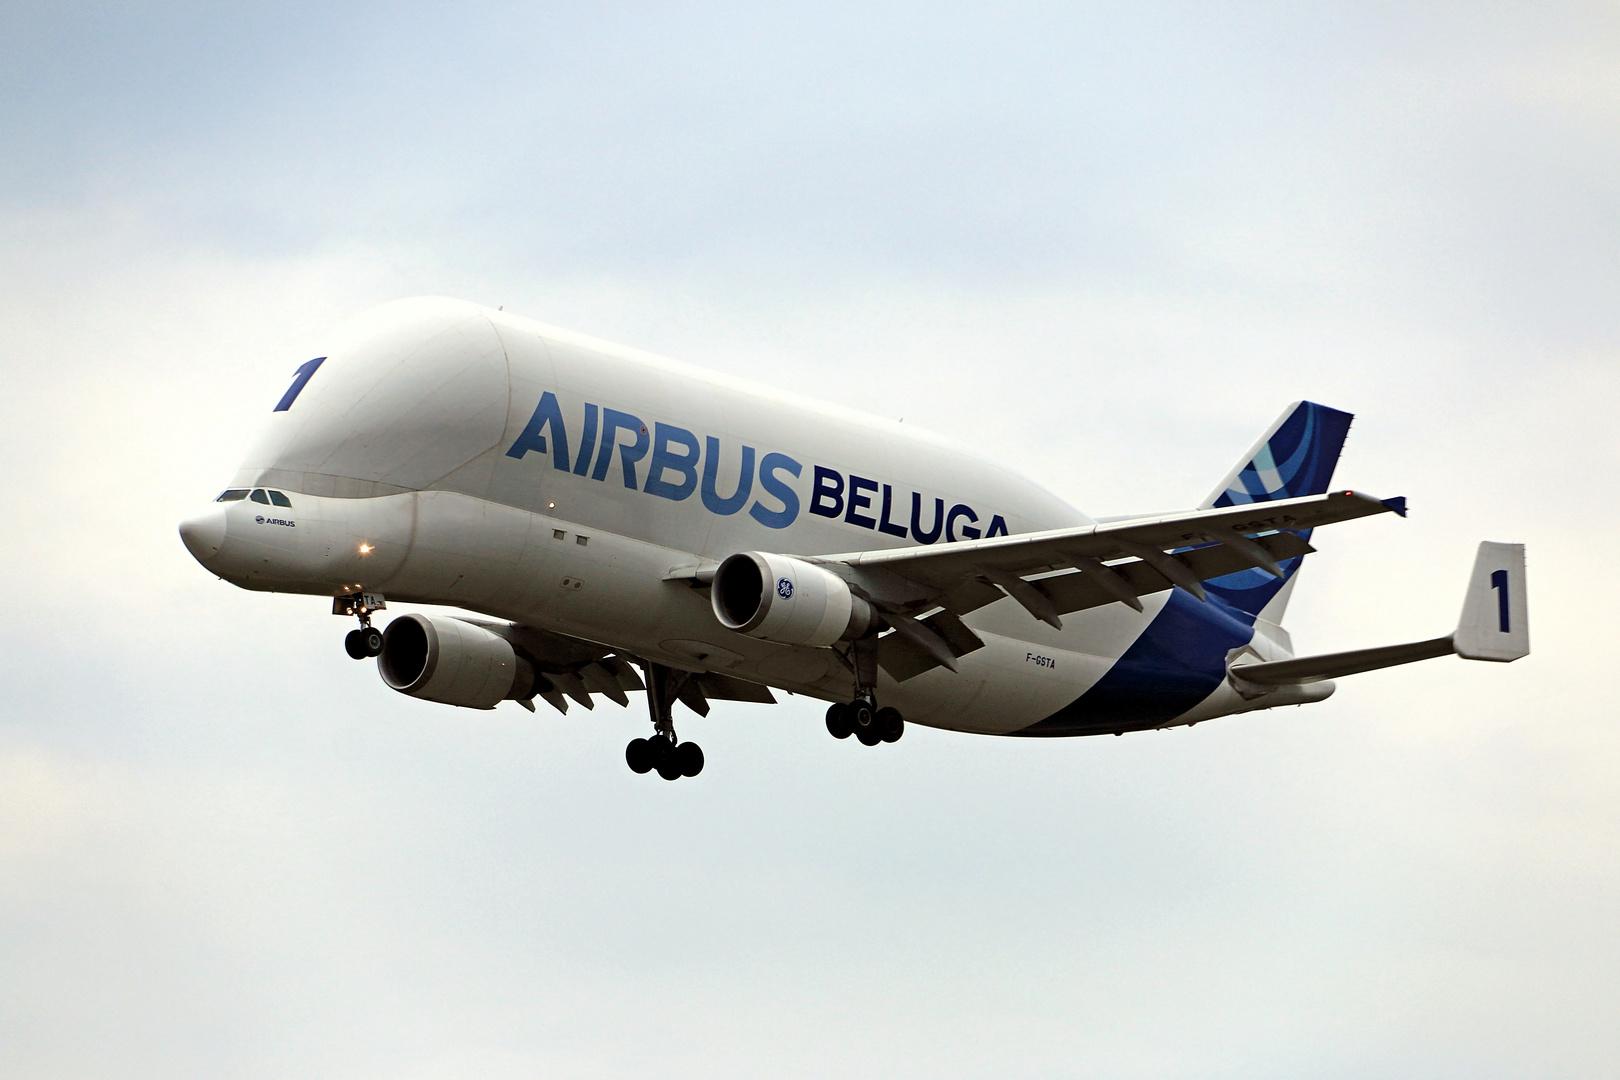 Airbus Beluga -1